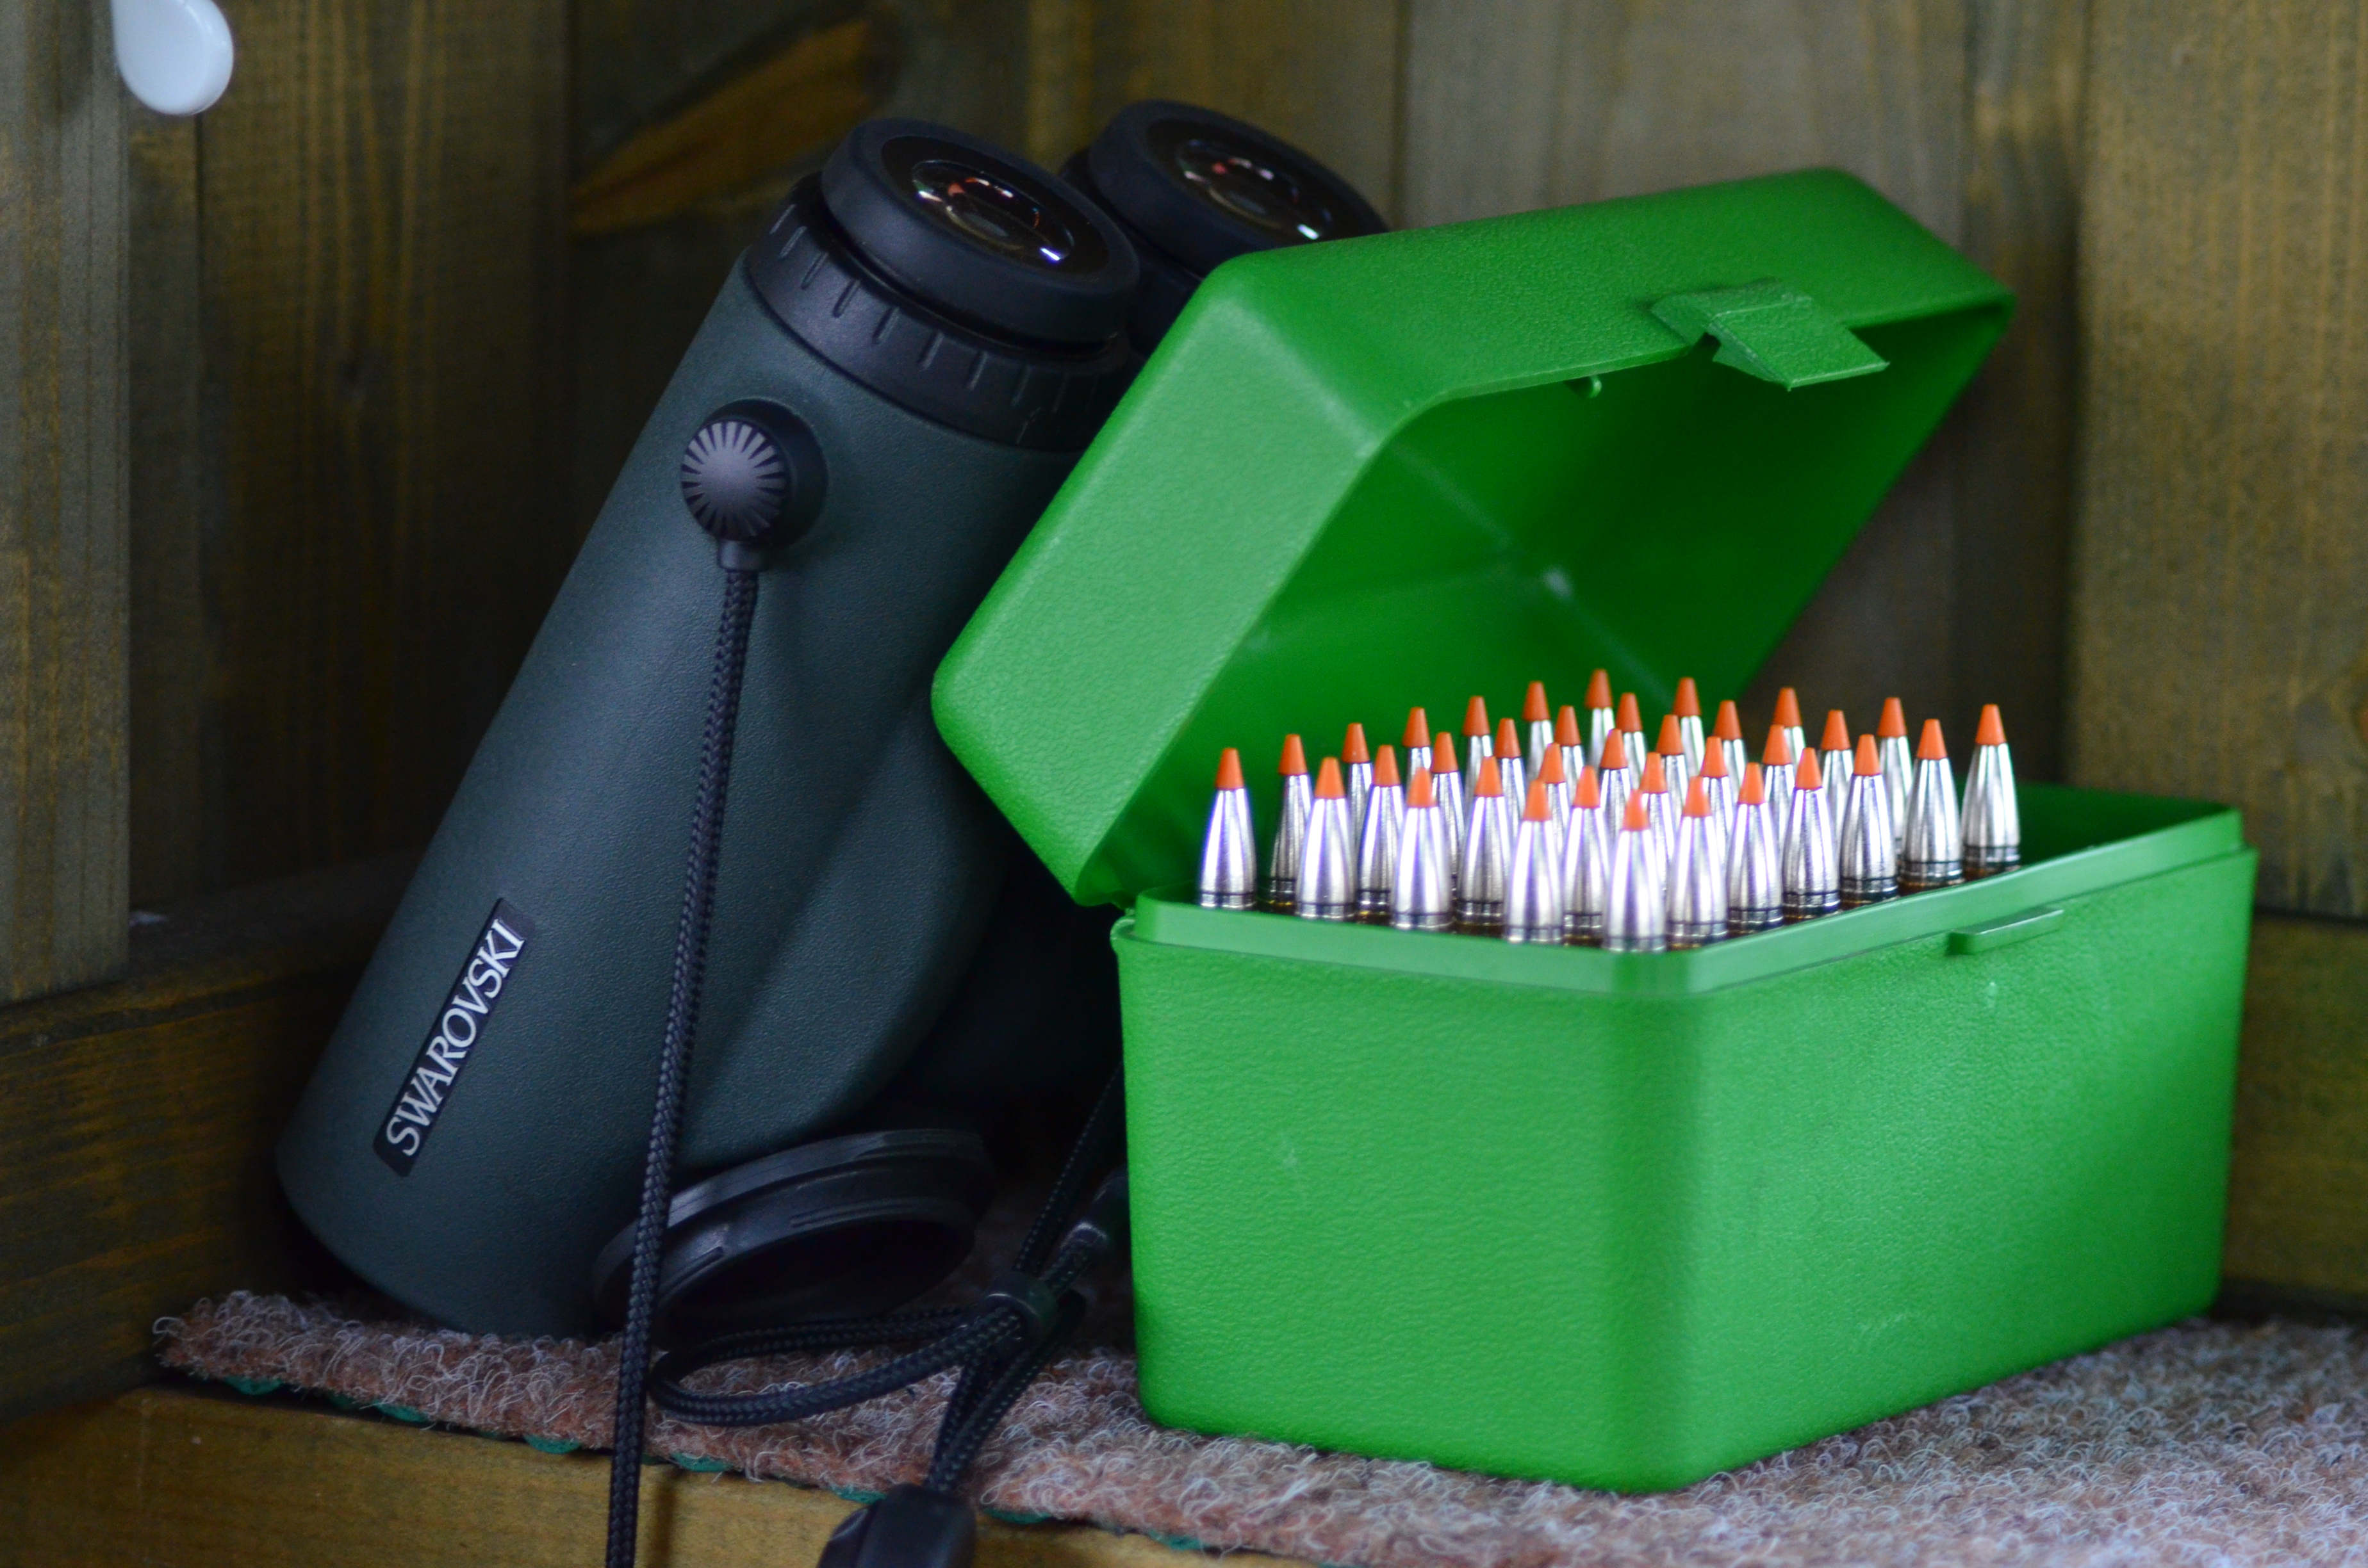 Swarovski Fernglas 10x42 Mit Entfernungsmesser : Swarovski el range 10 x 42 mit iphoneadapter u2013 jäger alltag